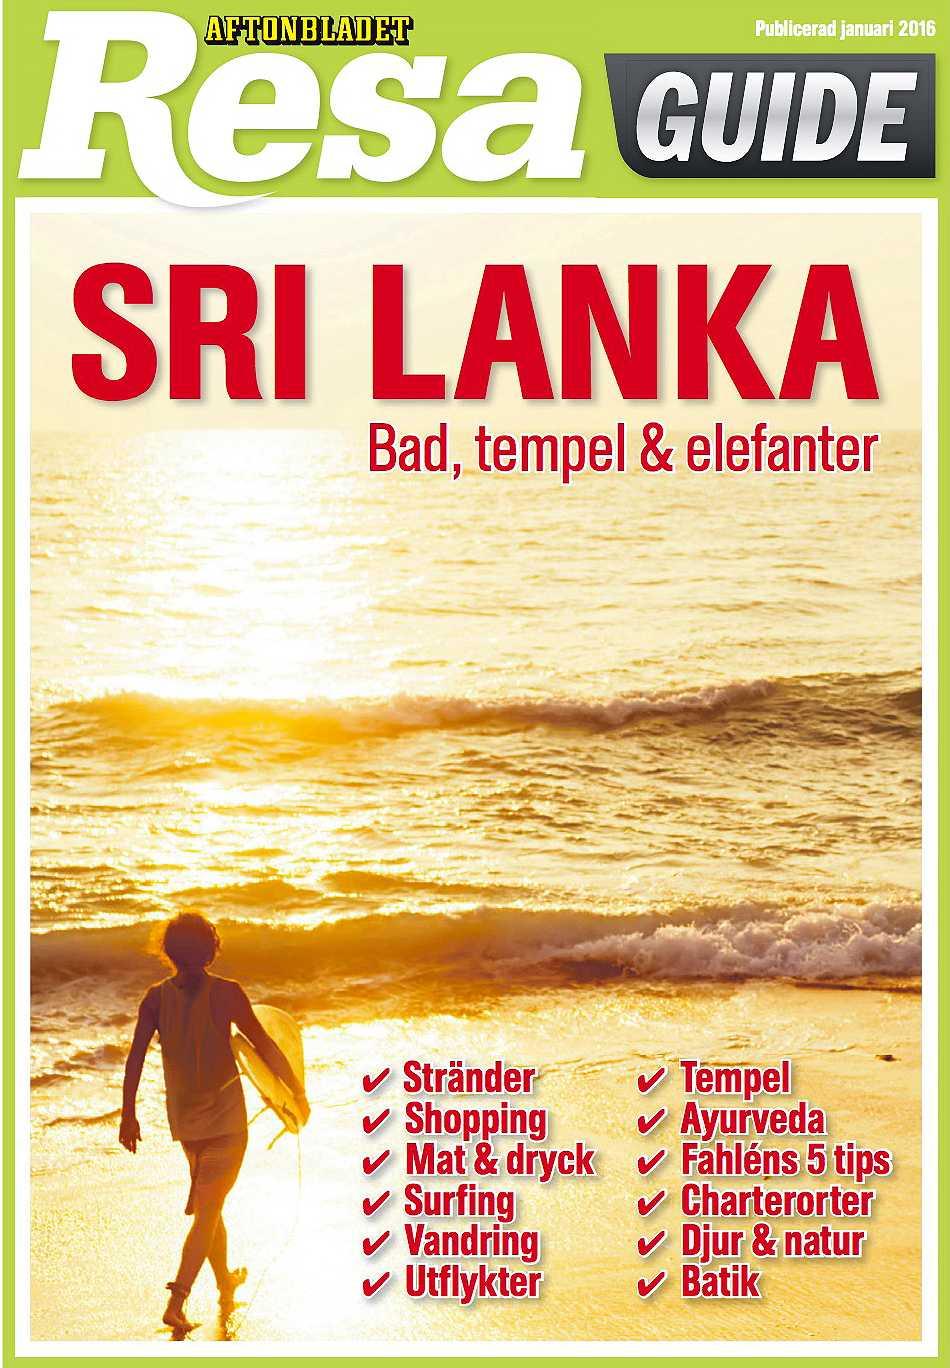 Aftonbladets Reseguide om Sri Lanka.